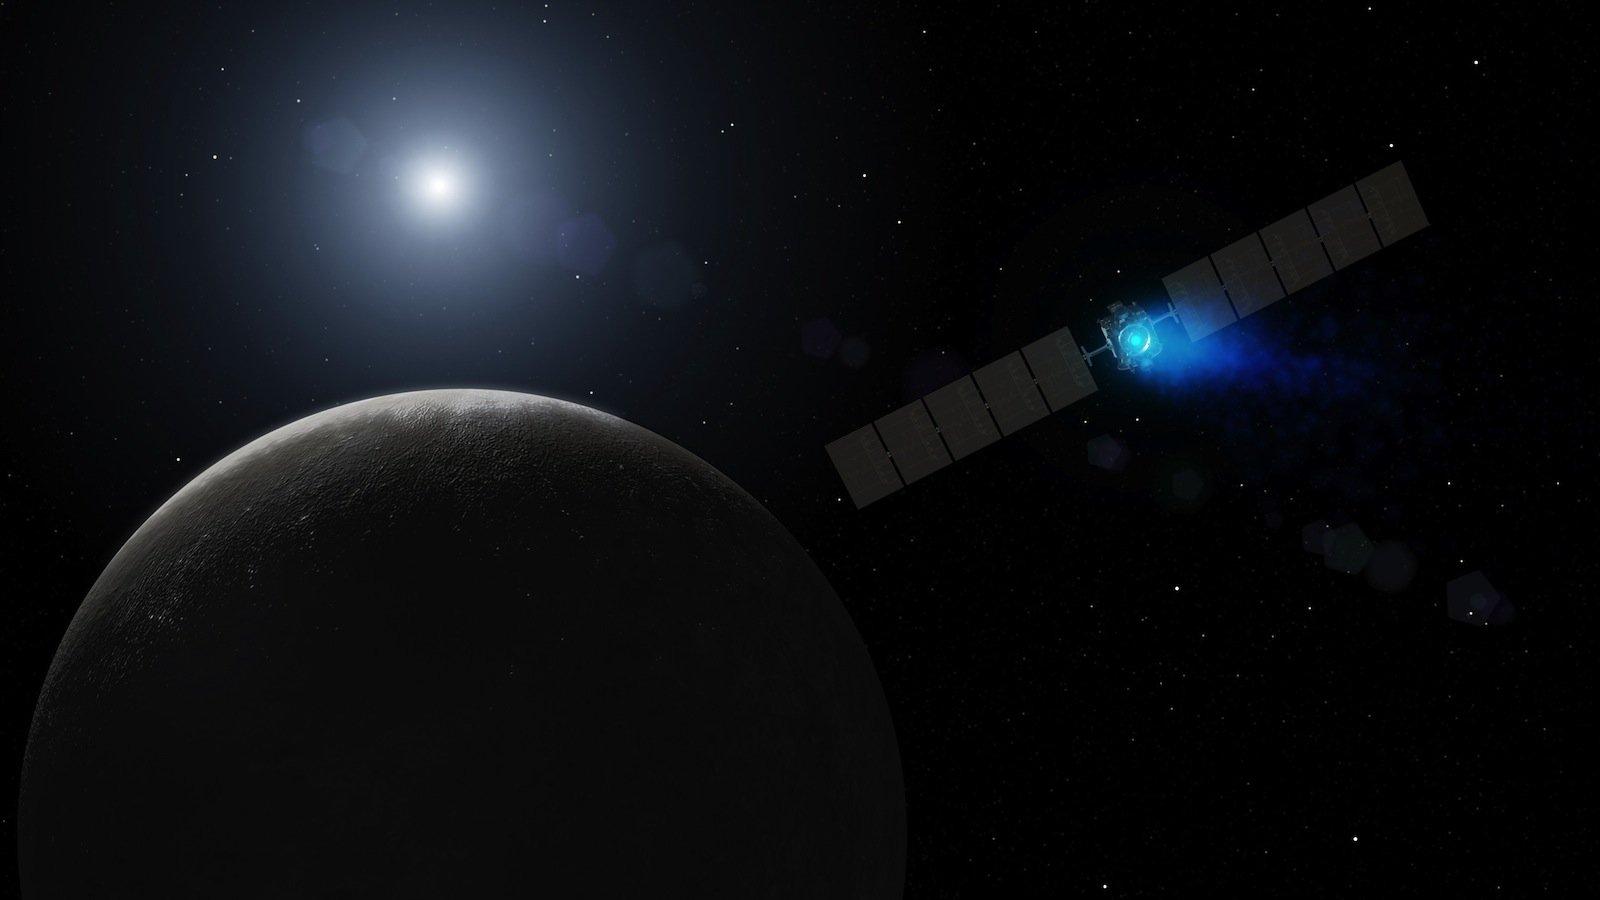 Die amerikanische Raumsonde Dawn startete am 27. September 2007. Am 16. Juli 2011 erreichten sie den Asteroiden Vesta und untersuchte ihn bis zum 5. September 2012. Anschließend flog sie zu Zwergplaneten Ceres. Dort kam sie am 6. März 2015 an. Mit der Dawn-Mission werden zum ersten Mal nacheinander zwei Himmelskörper angesteuert und aus dem Orbit erforscht.